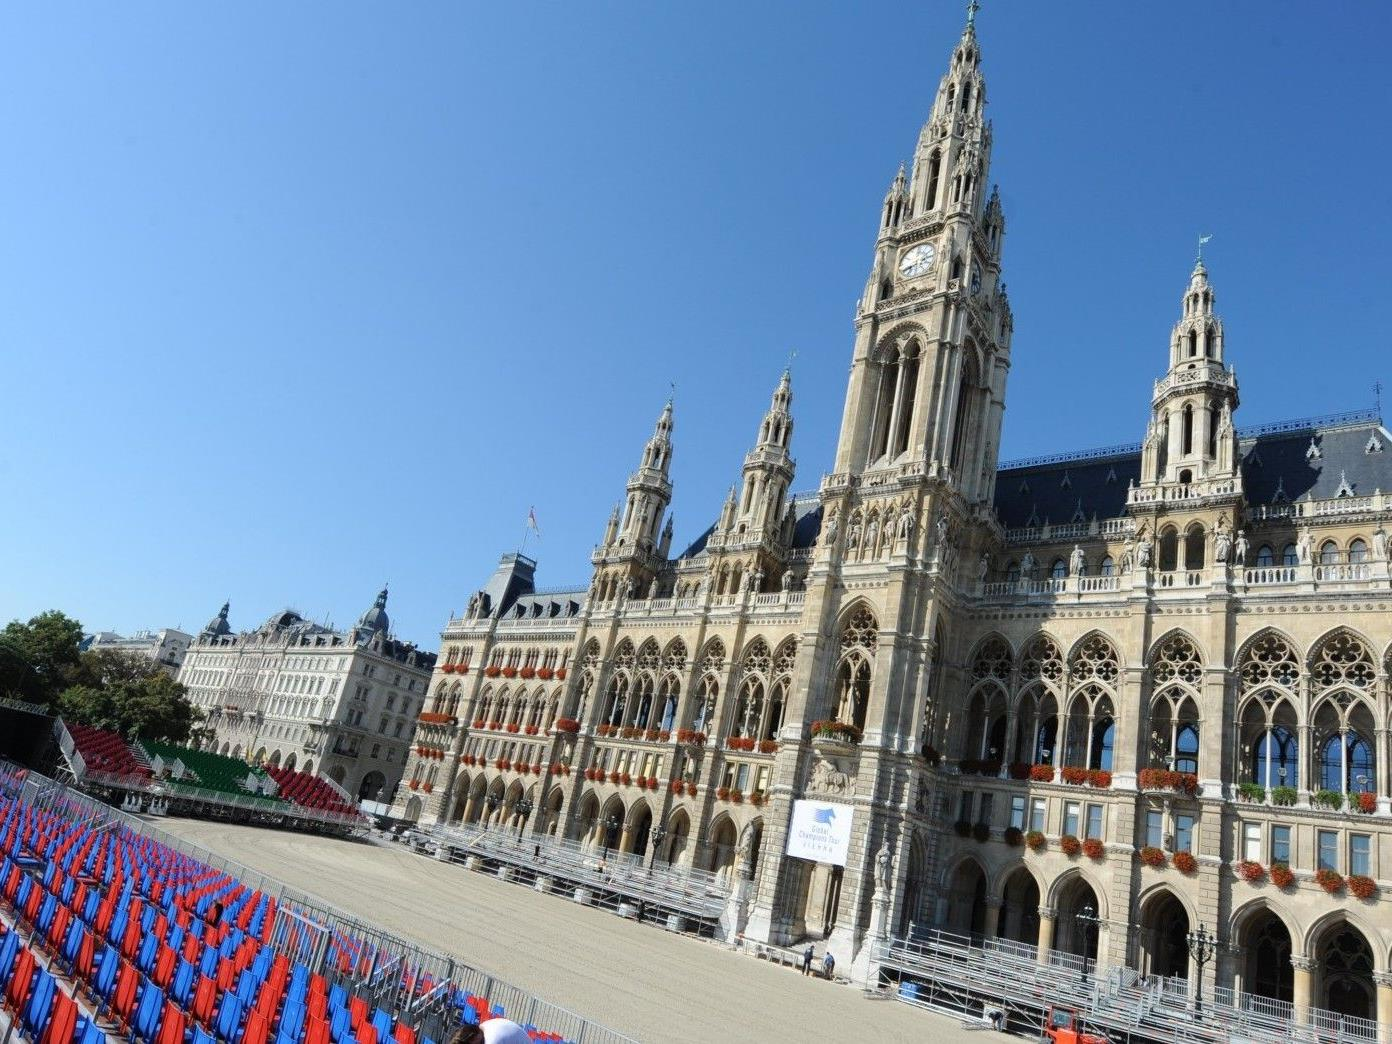 Am Donnerstag starten die Vienna Masters 2012 auf dem Wiener Rathausplatz.